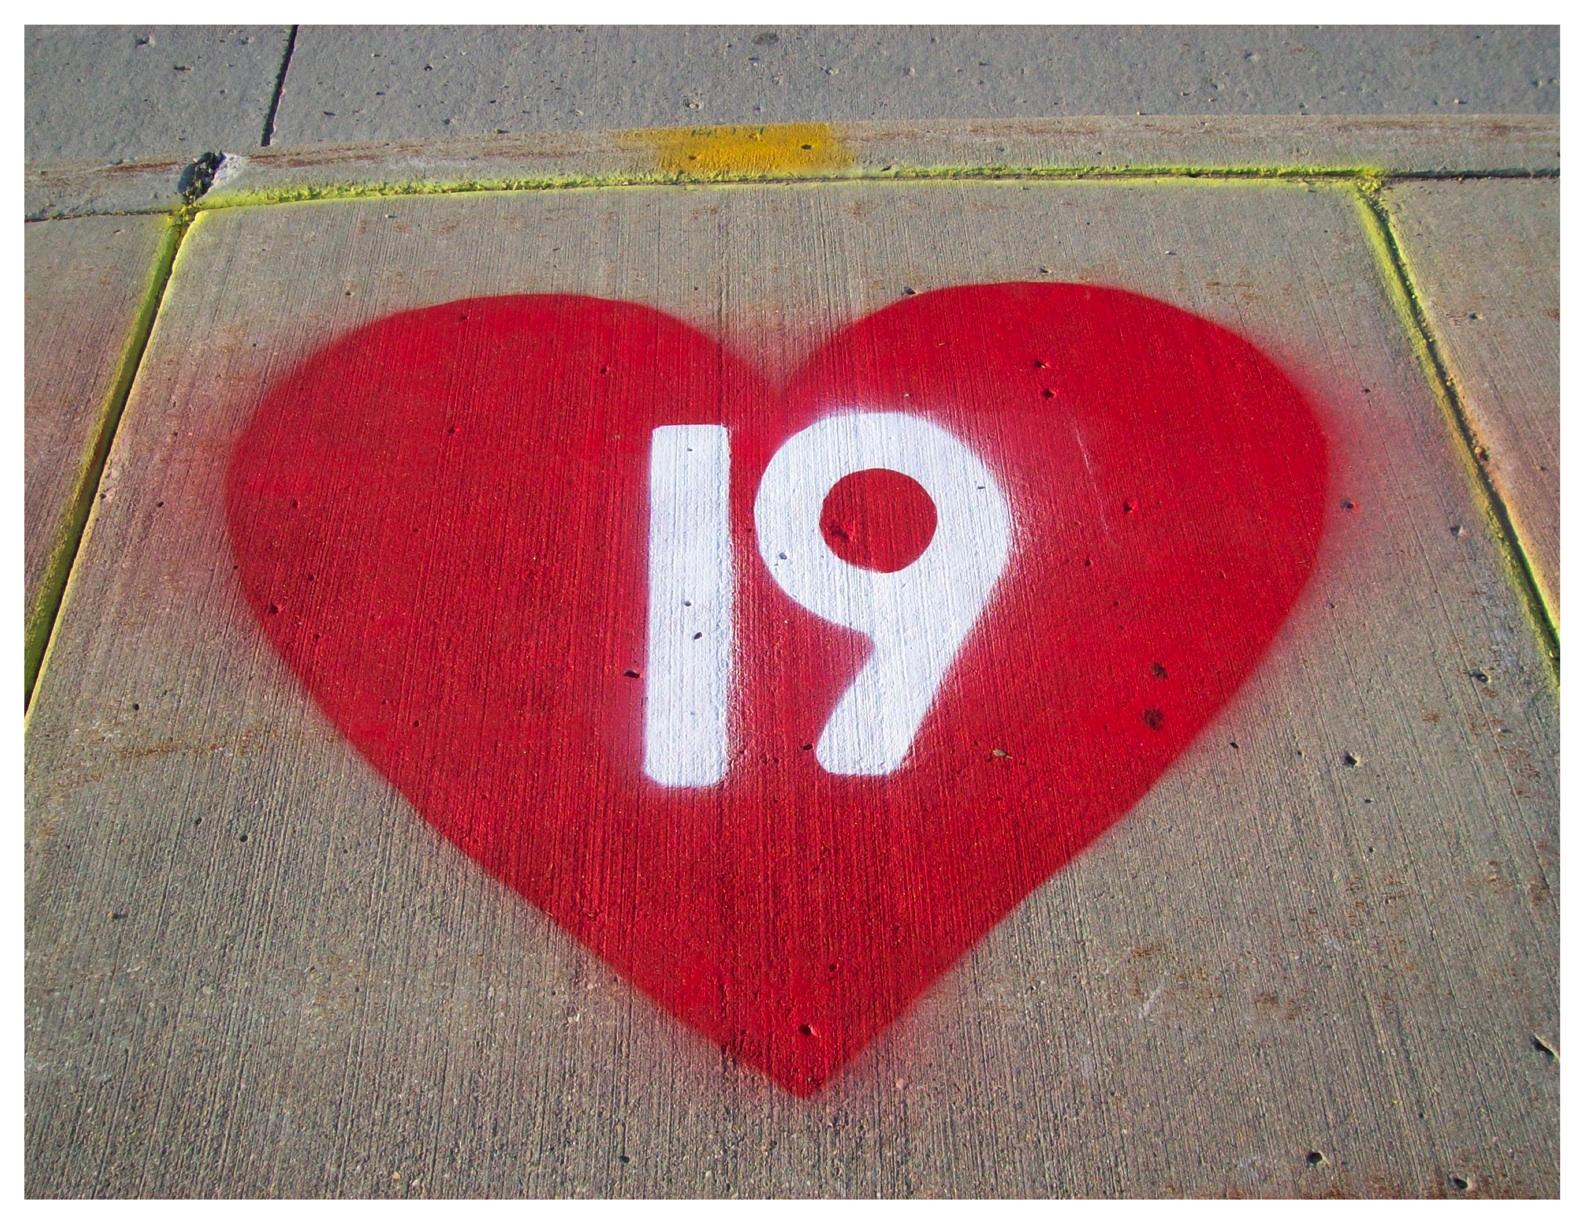 быть гром картинки с цифрой 19 красивые Выбор ЭЛЬДОРАДО